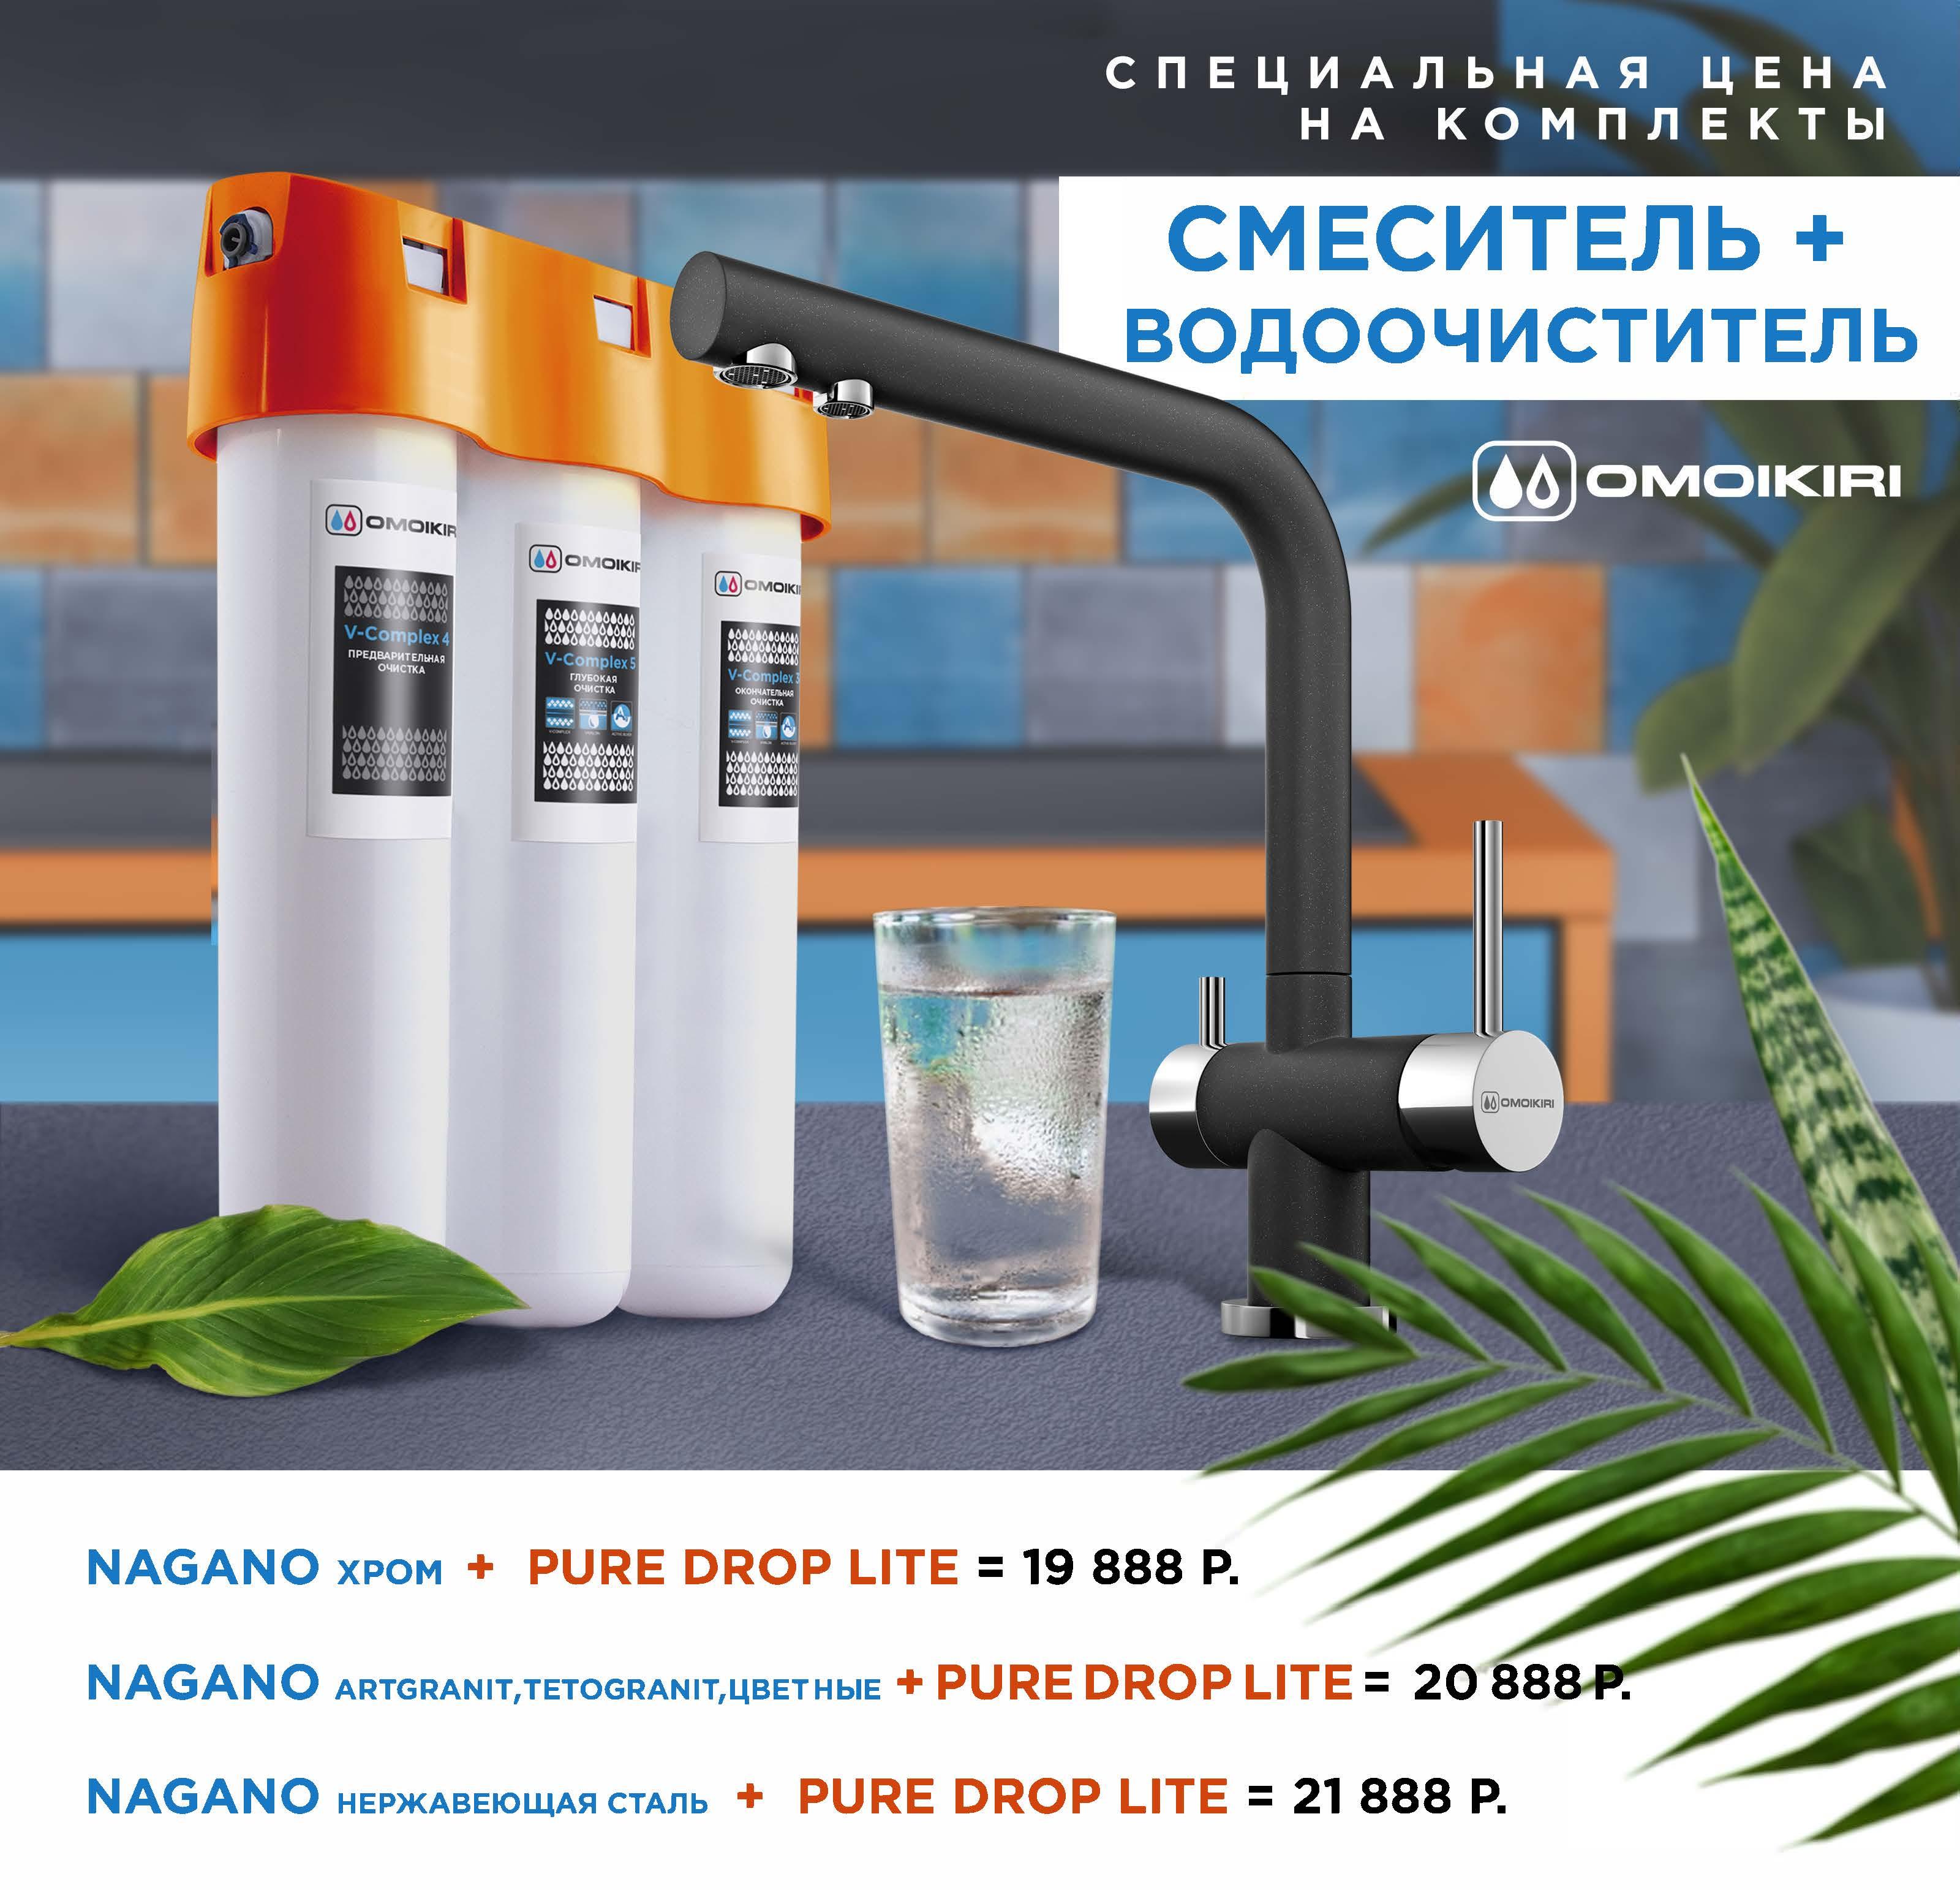 Смеситель Omoikiri Nagano + водоочиститель Pure drop Lite по выгодной цене!